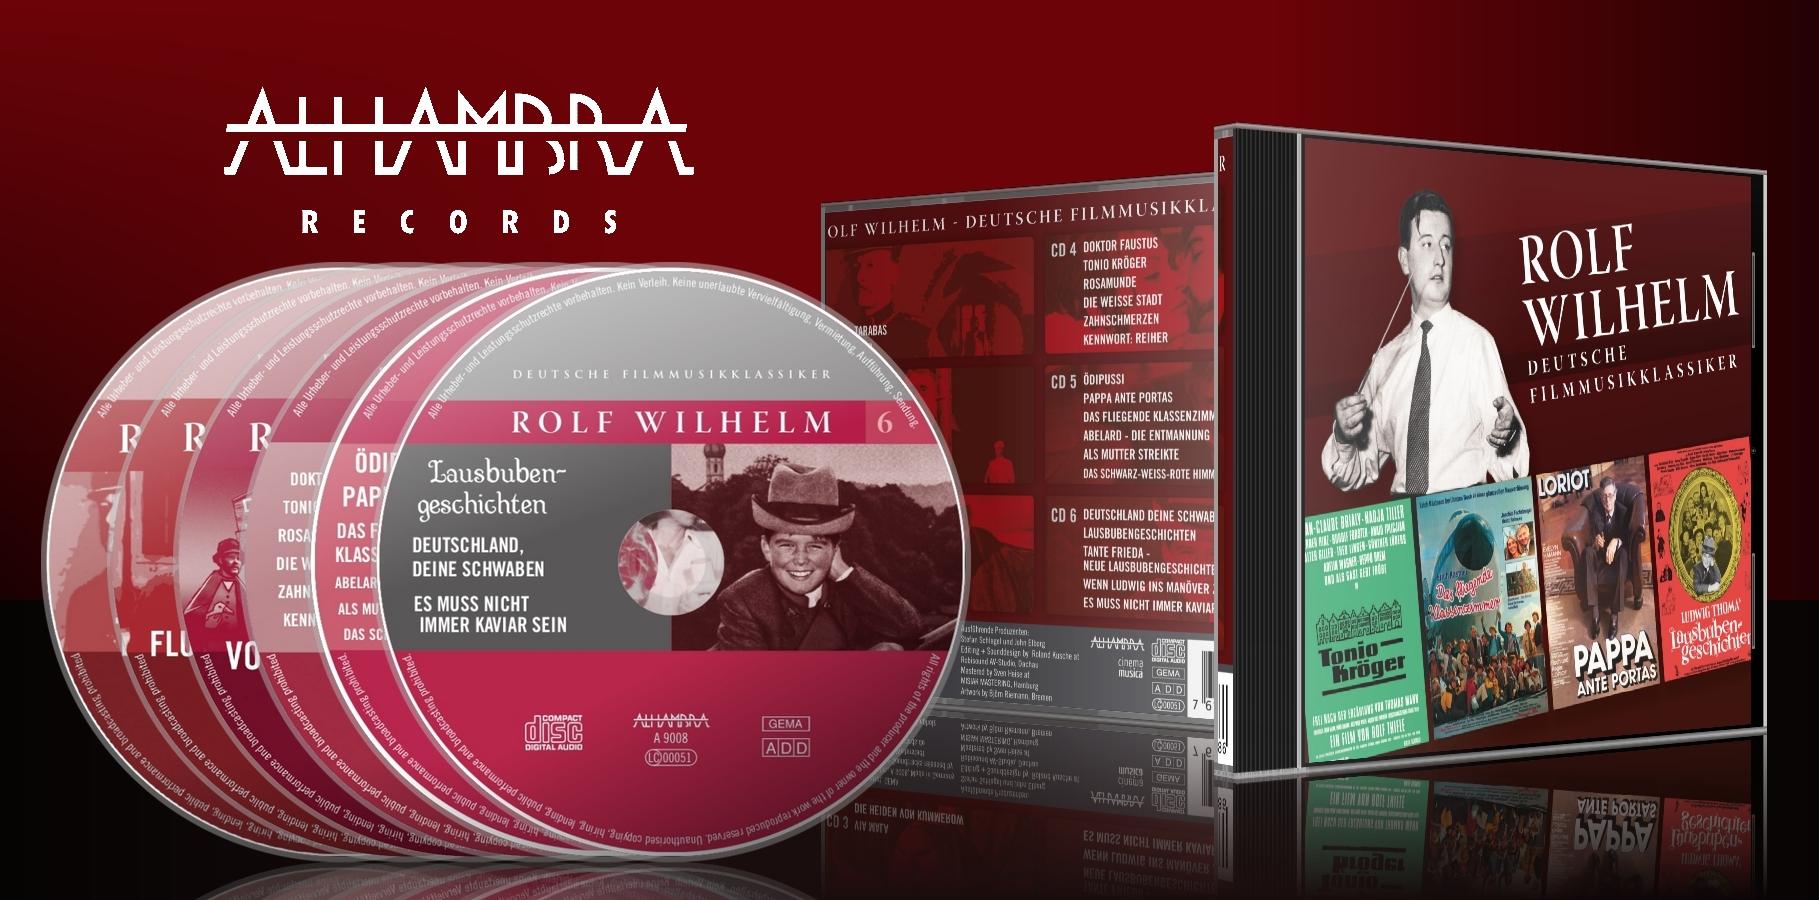 Rolf Wilhelm – Deutsche Filmmusikklassiker